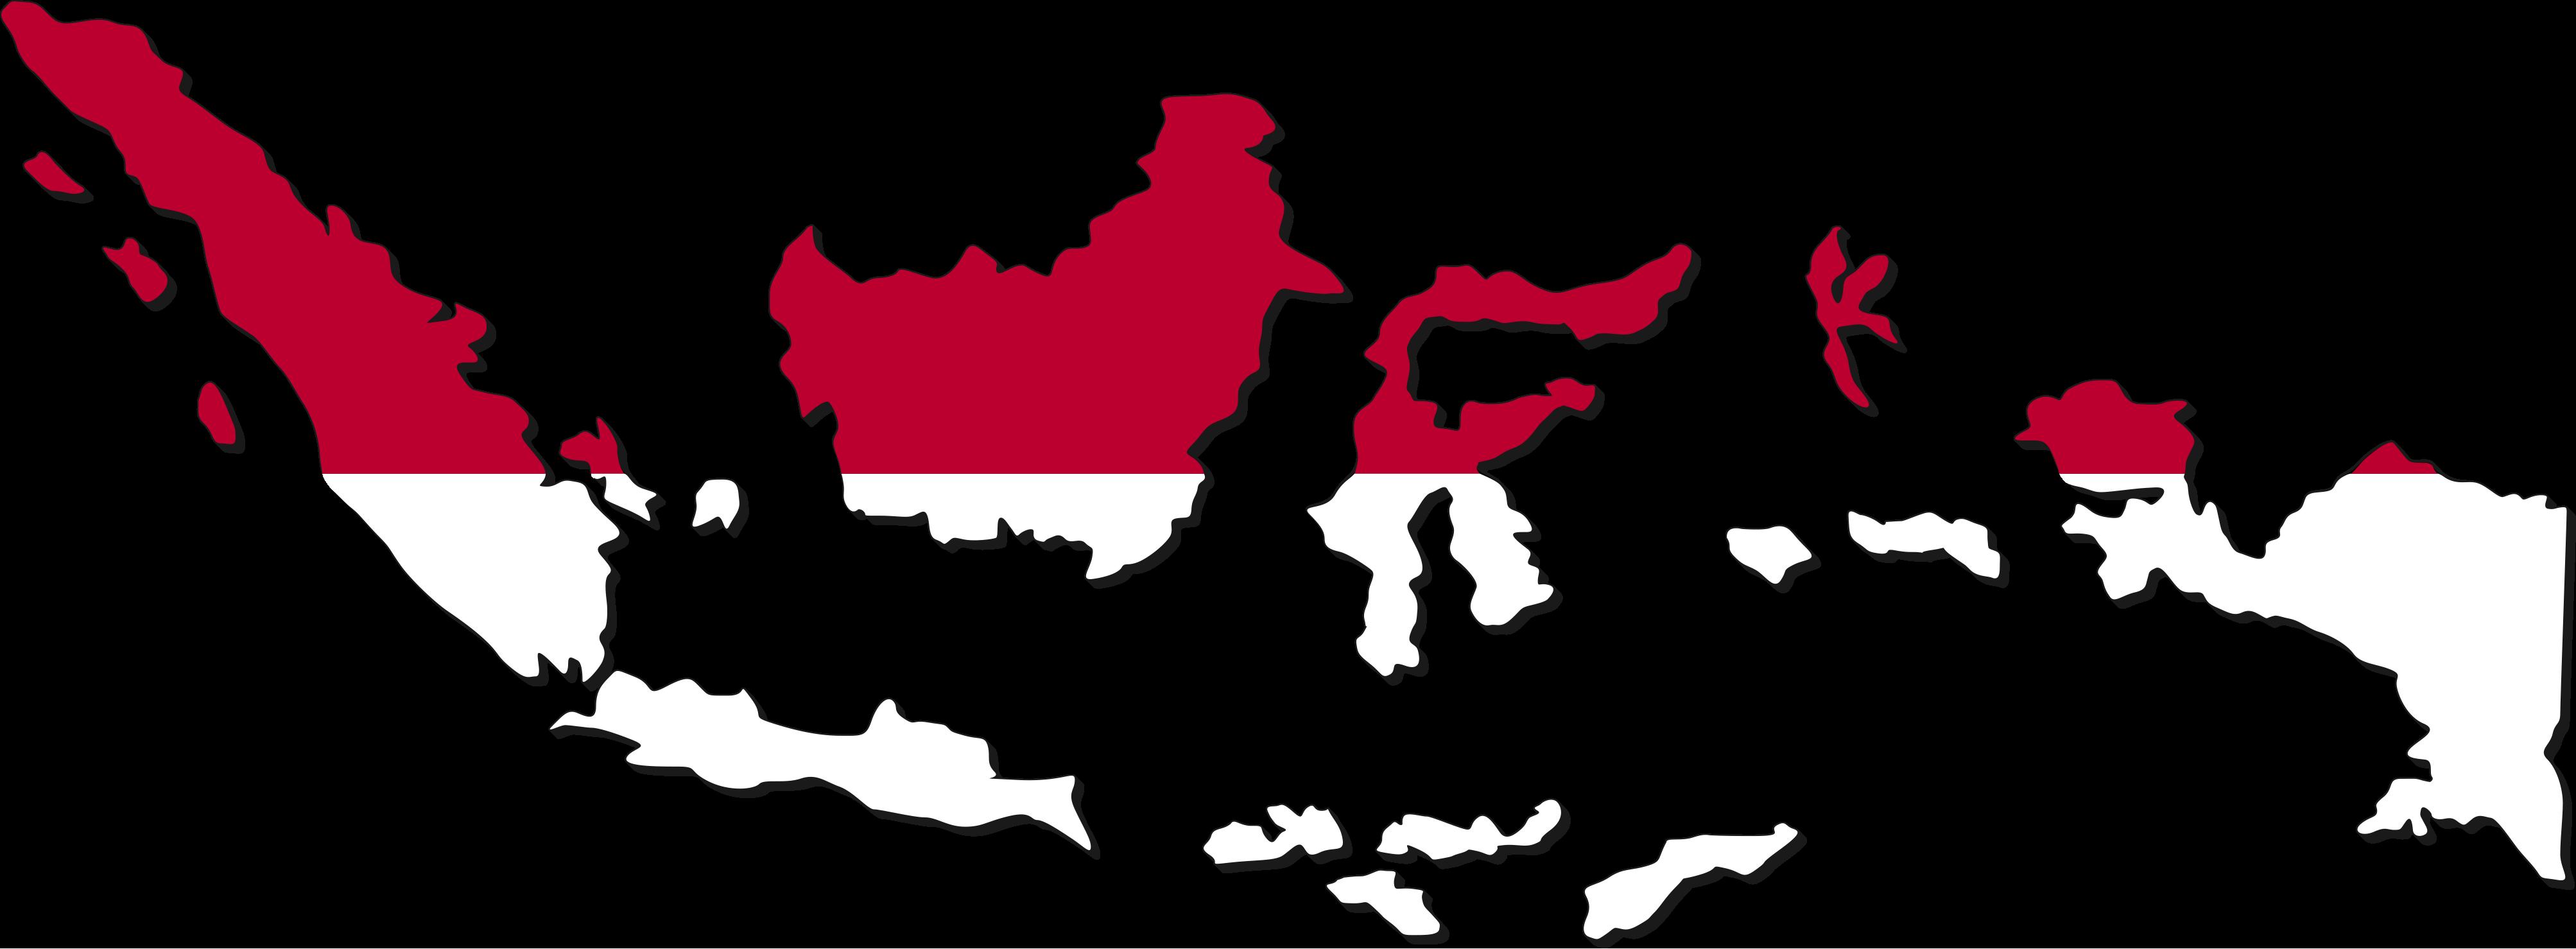 Indonesia: apa yang membuat/mencirikan orang Indonesia ...